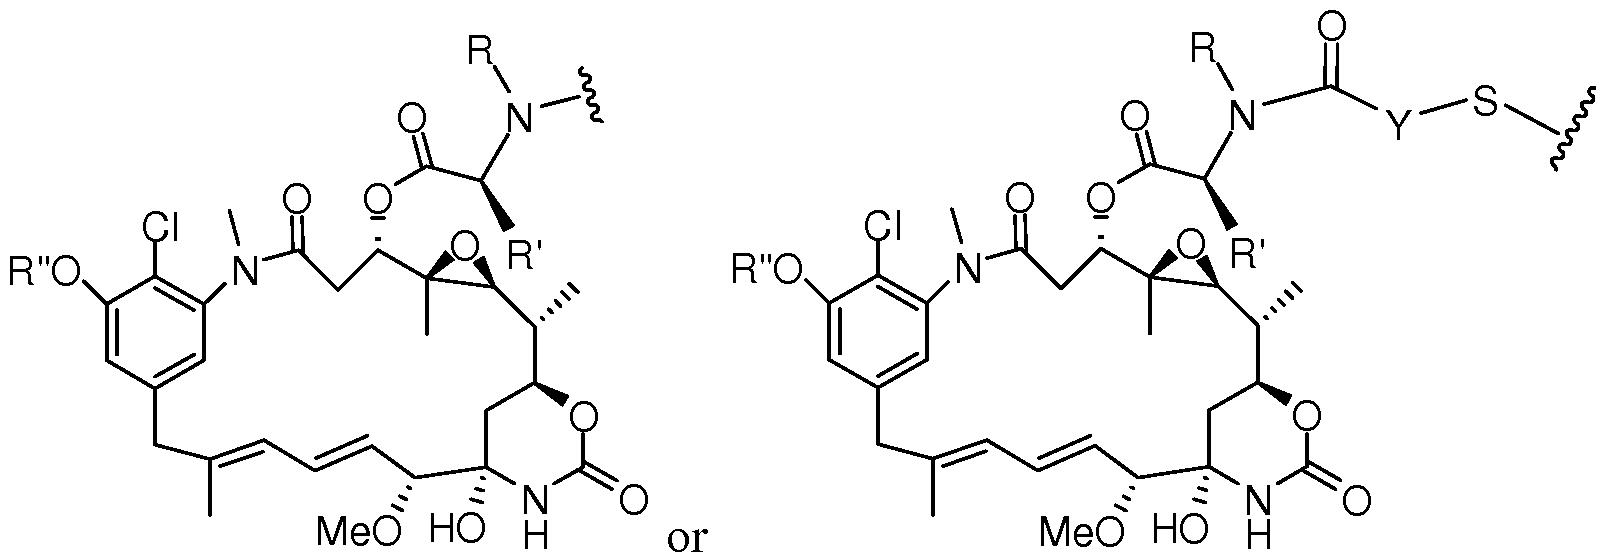 Figure imgf000048_0003